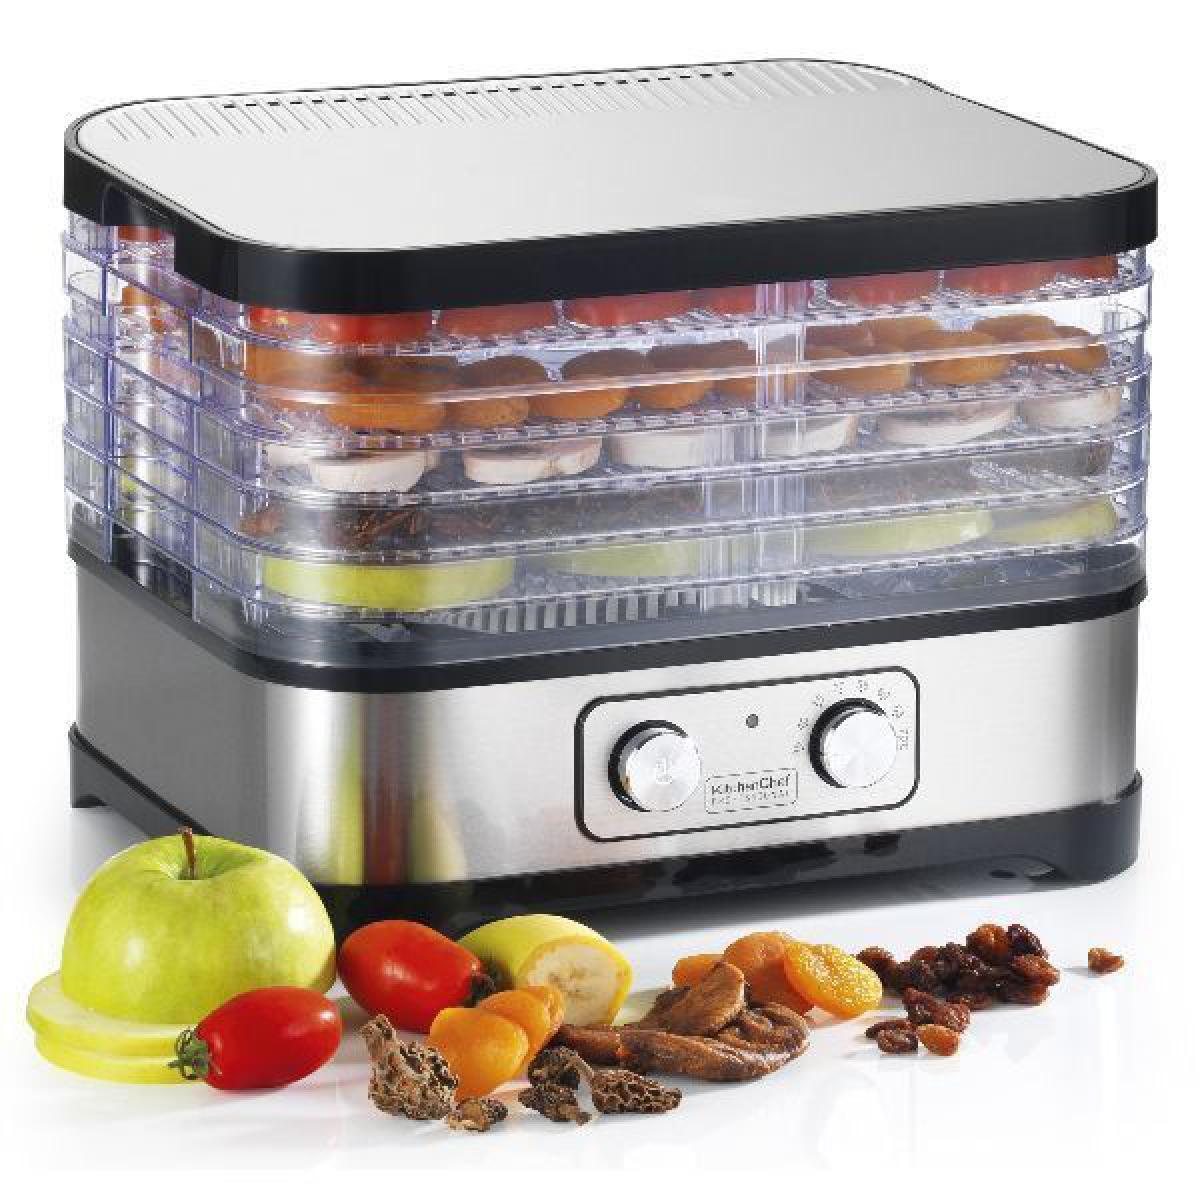 Kitchen Chef DESHYDRATEUR 5 PLATEAUX 24X31CM 400W INOX KITCHENCHEF - SECCO5MECA